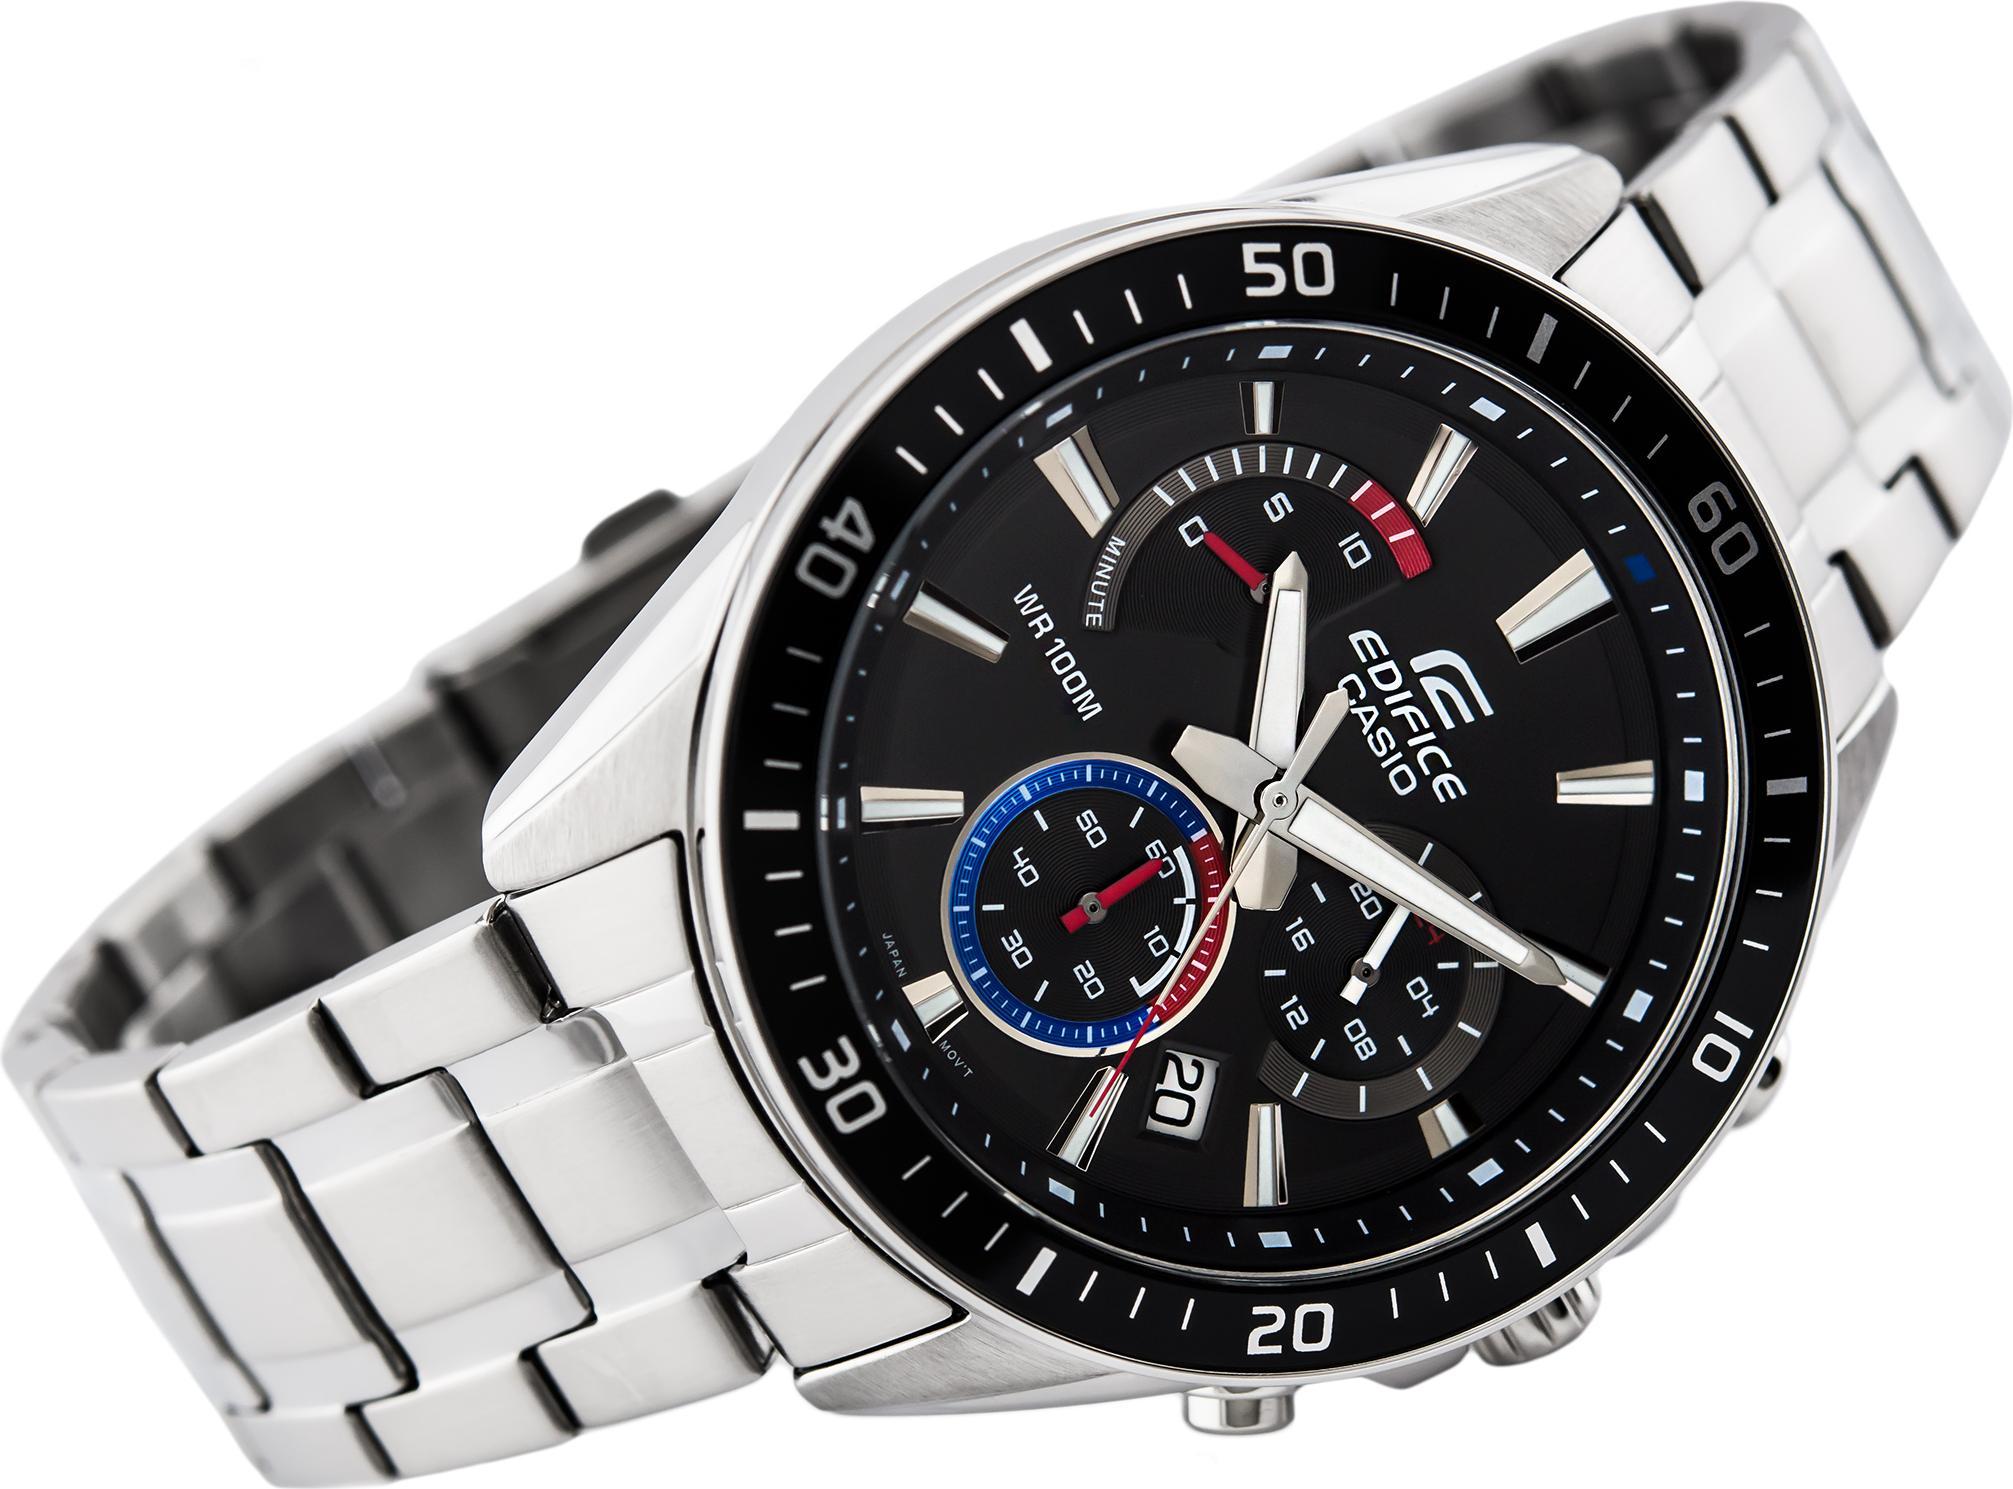 Đồng hồ nam dây kim loại Casio EDIFICE EFR-552D-1A3VUDF